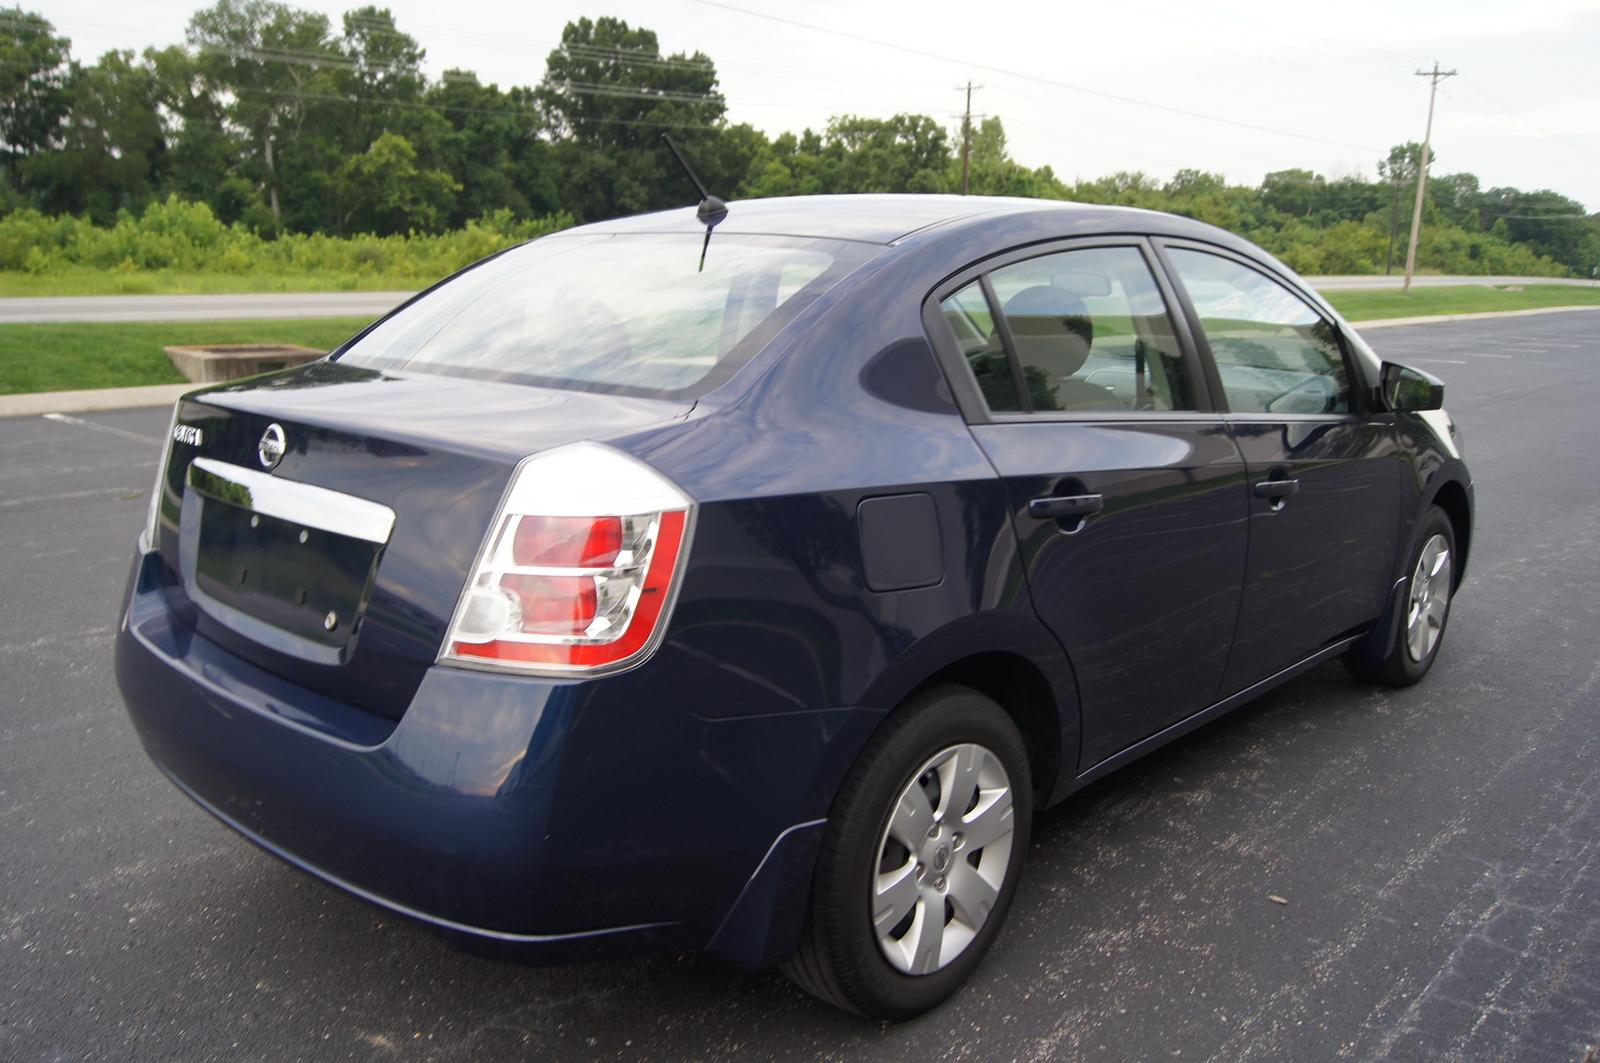 2010 Nissan Sentra Pictures Cargurus